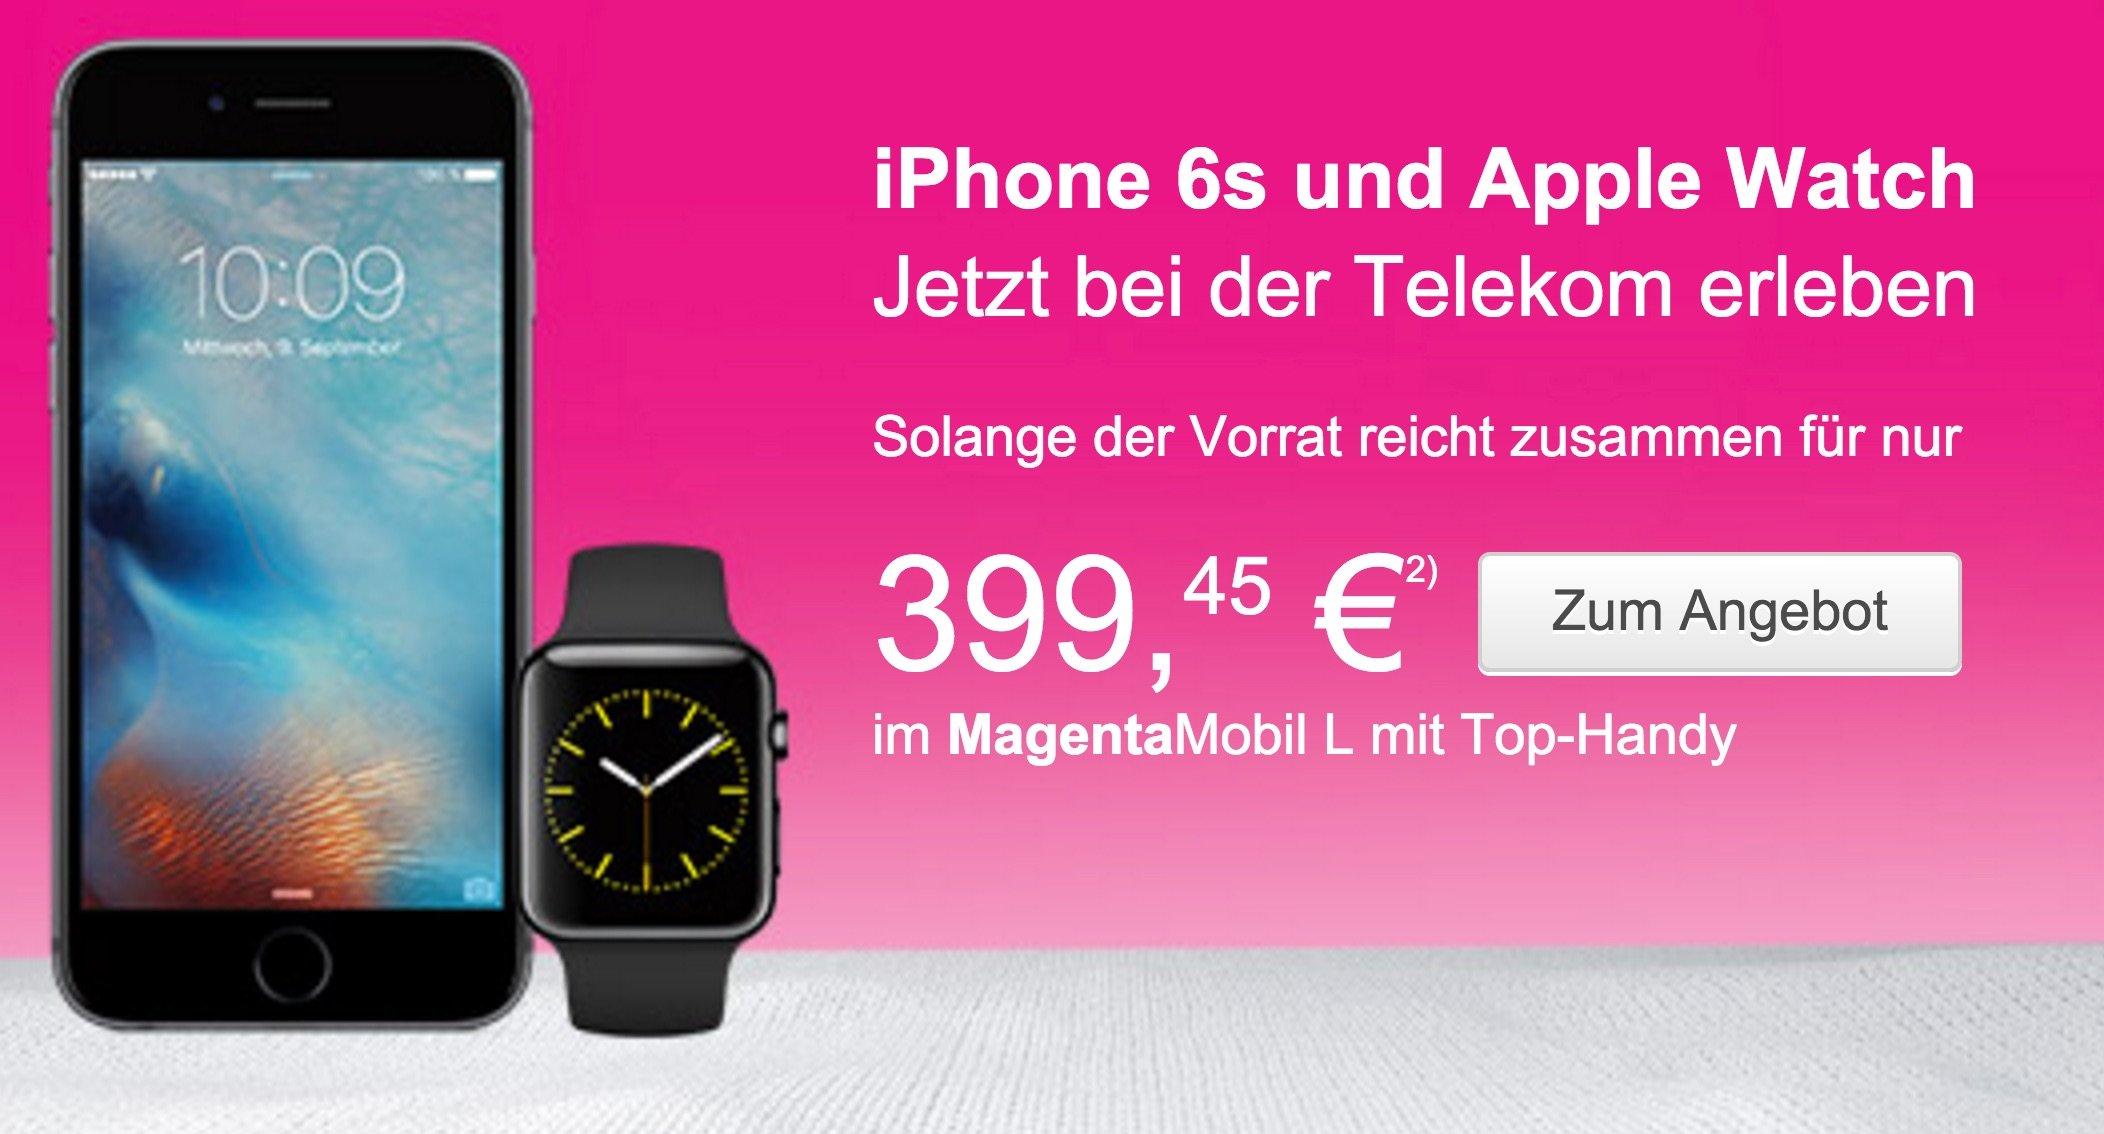 Apple Bundle der Extraklasse: iPhone 6s und Apple Watch bei Telekom 7